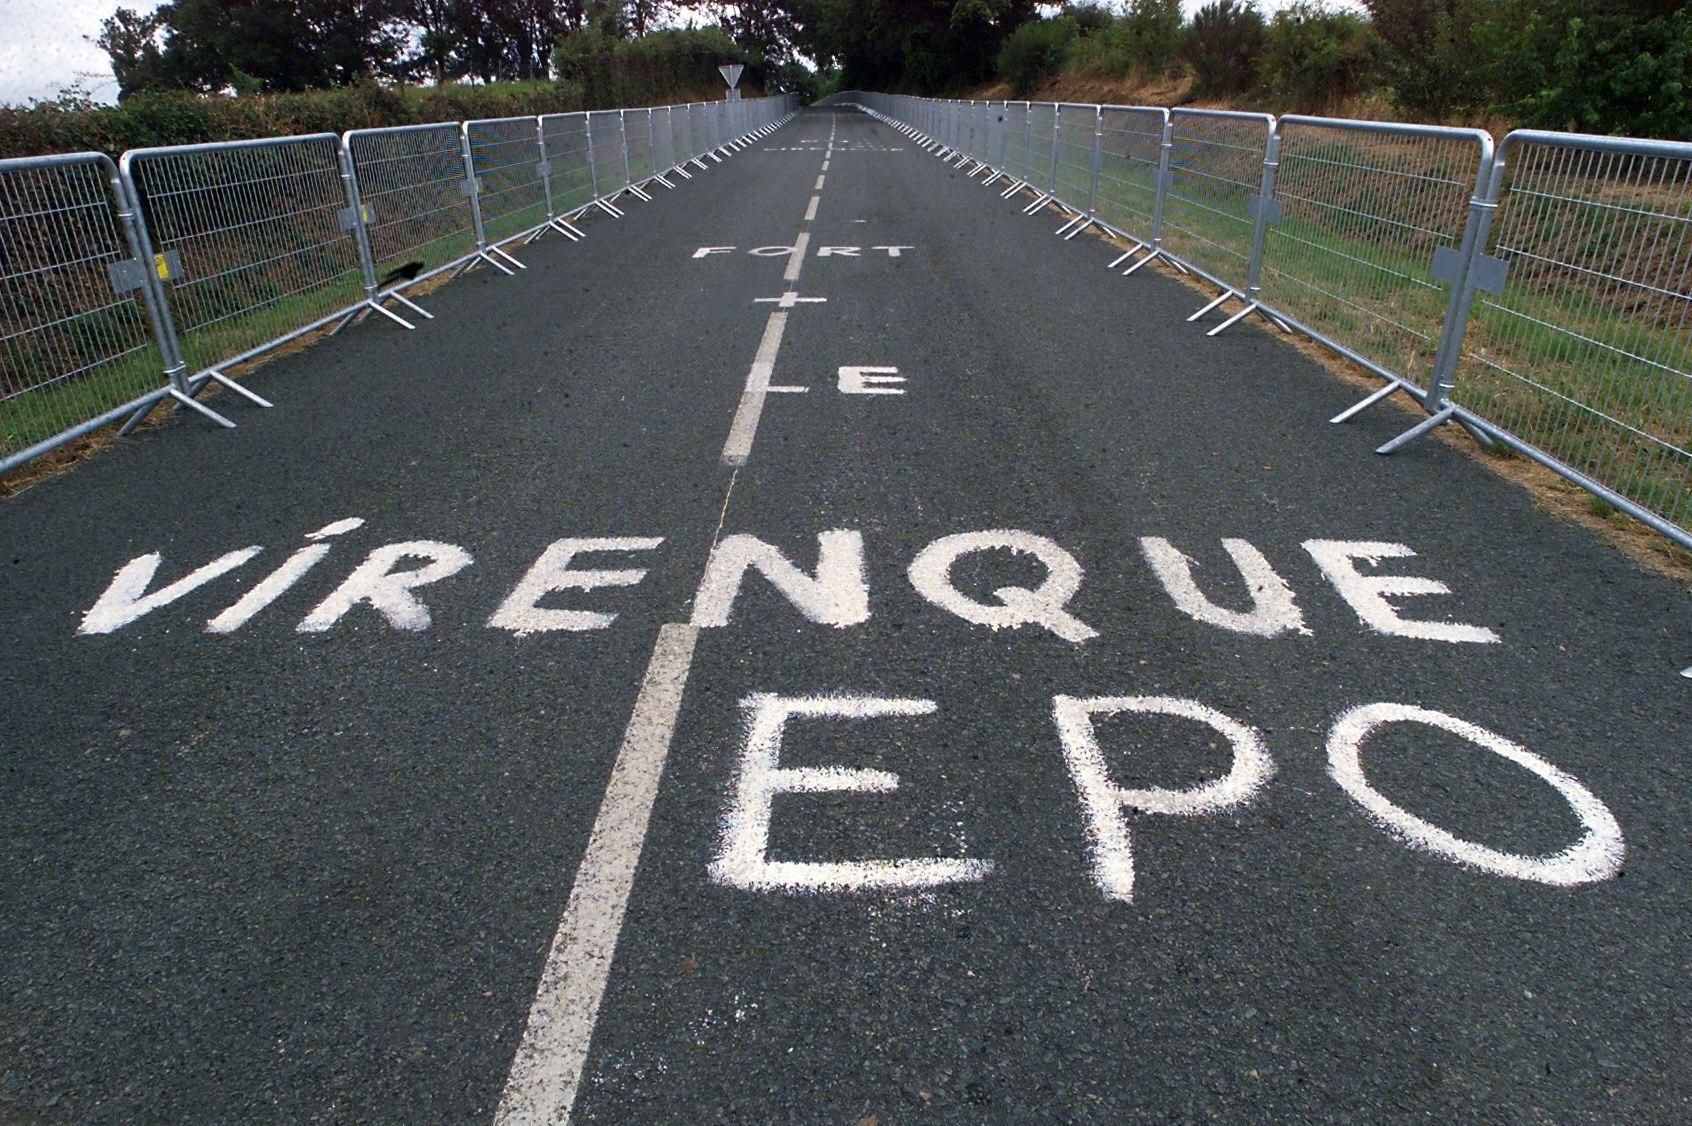 Nápisů na silnicích spojujících cyklisty s dopingem byly stovky. Foto: profimedia